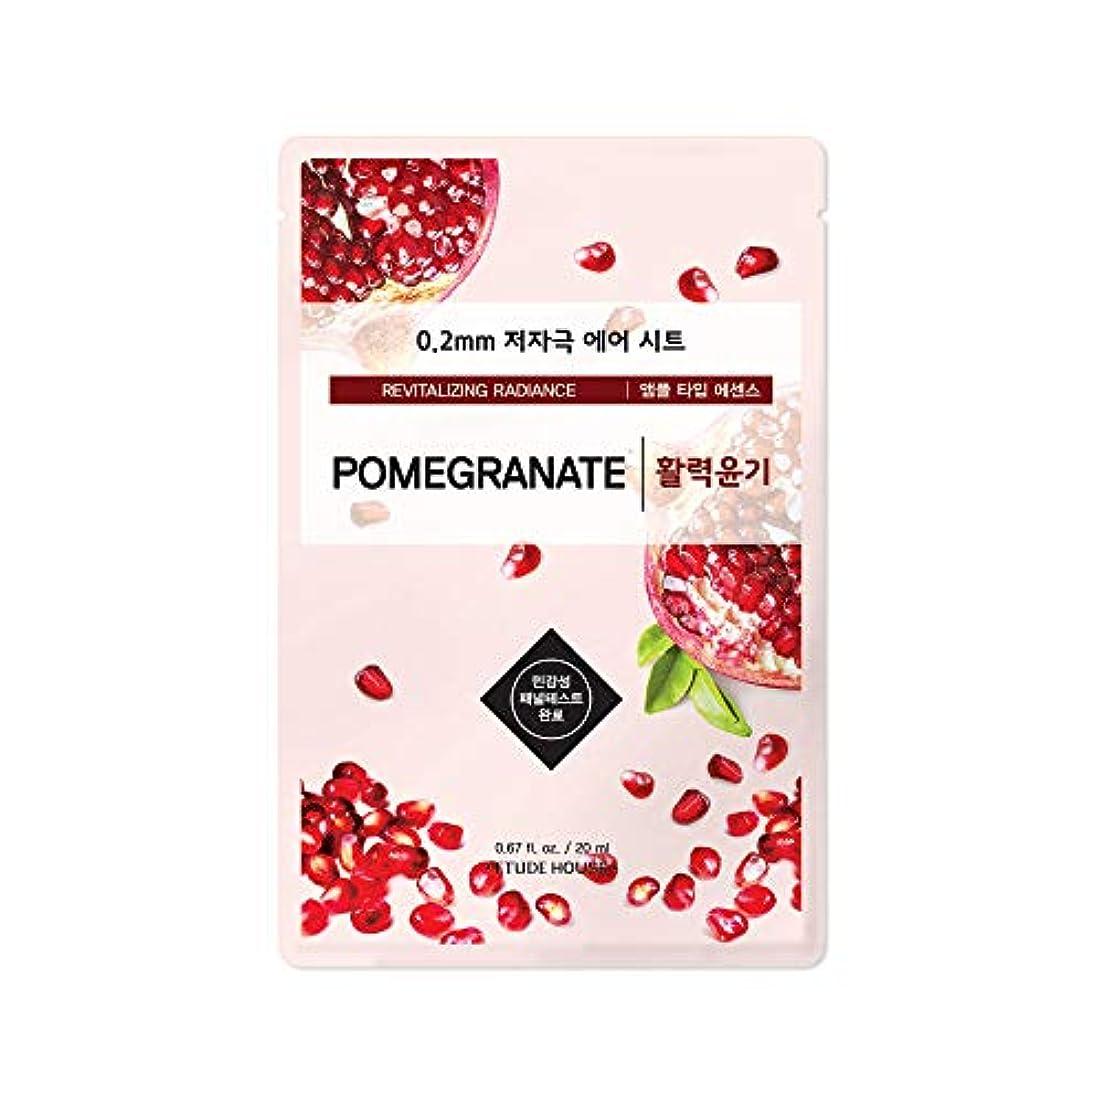 責め興奮する予知ETUDE HOUSE 0.2 Therapy Air Mask 20ml×10ea (#07 Pomegranate)/エチュードハウス 0.2 セラピー エア マスク 20ml×10枚 (#07 Pomegranate)